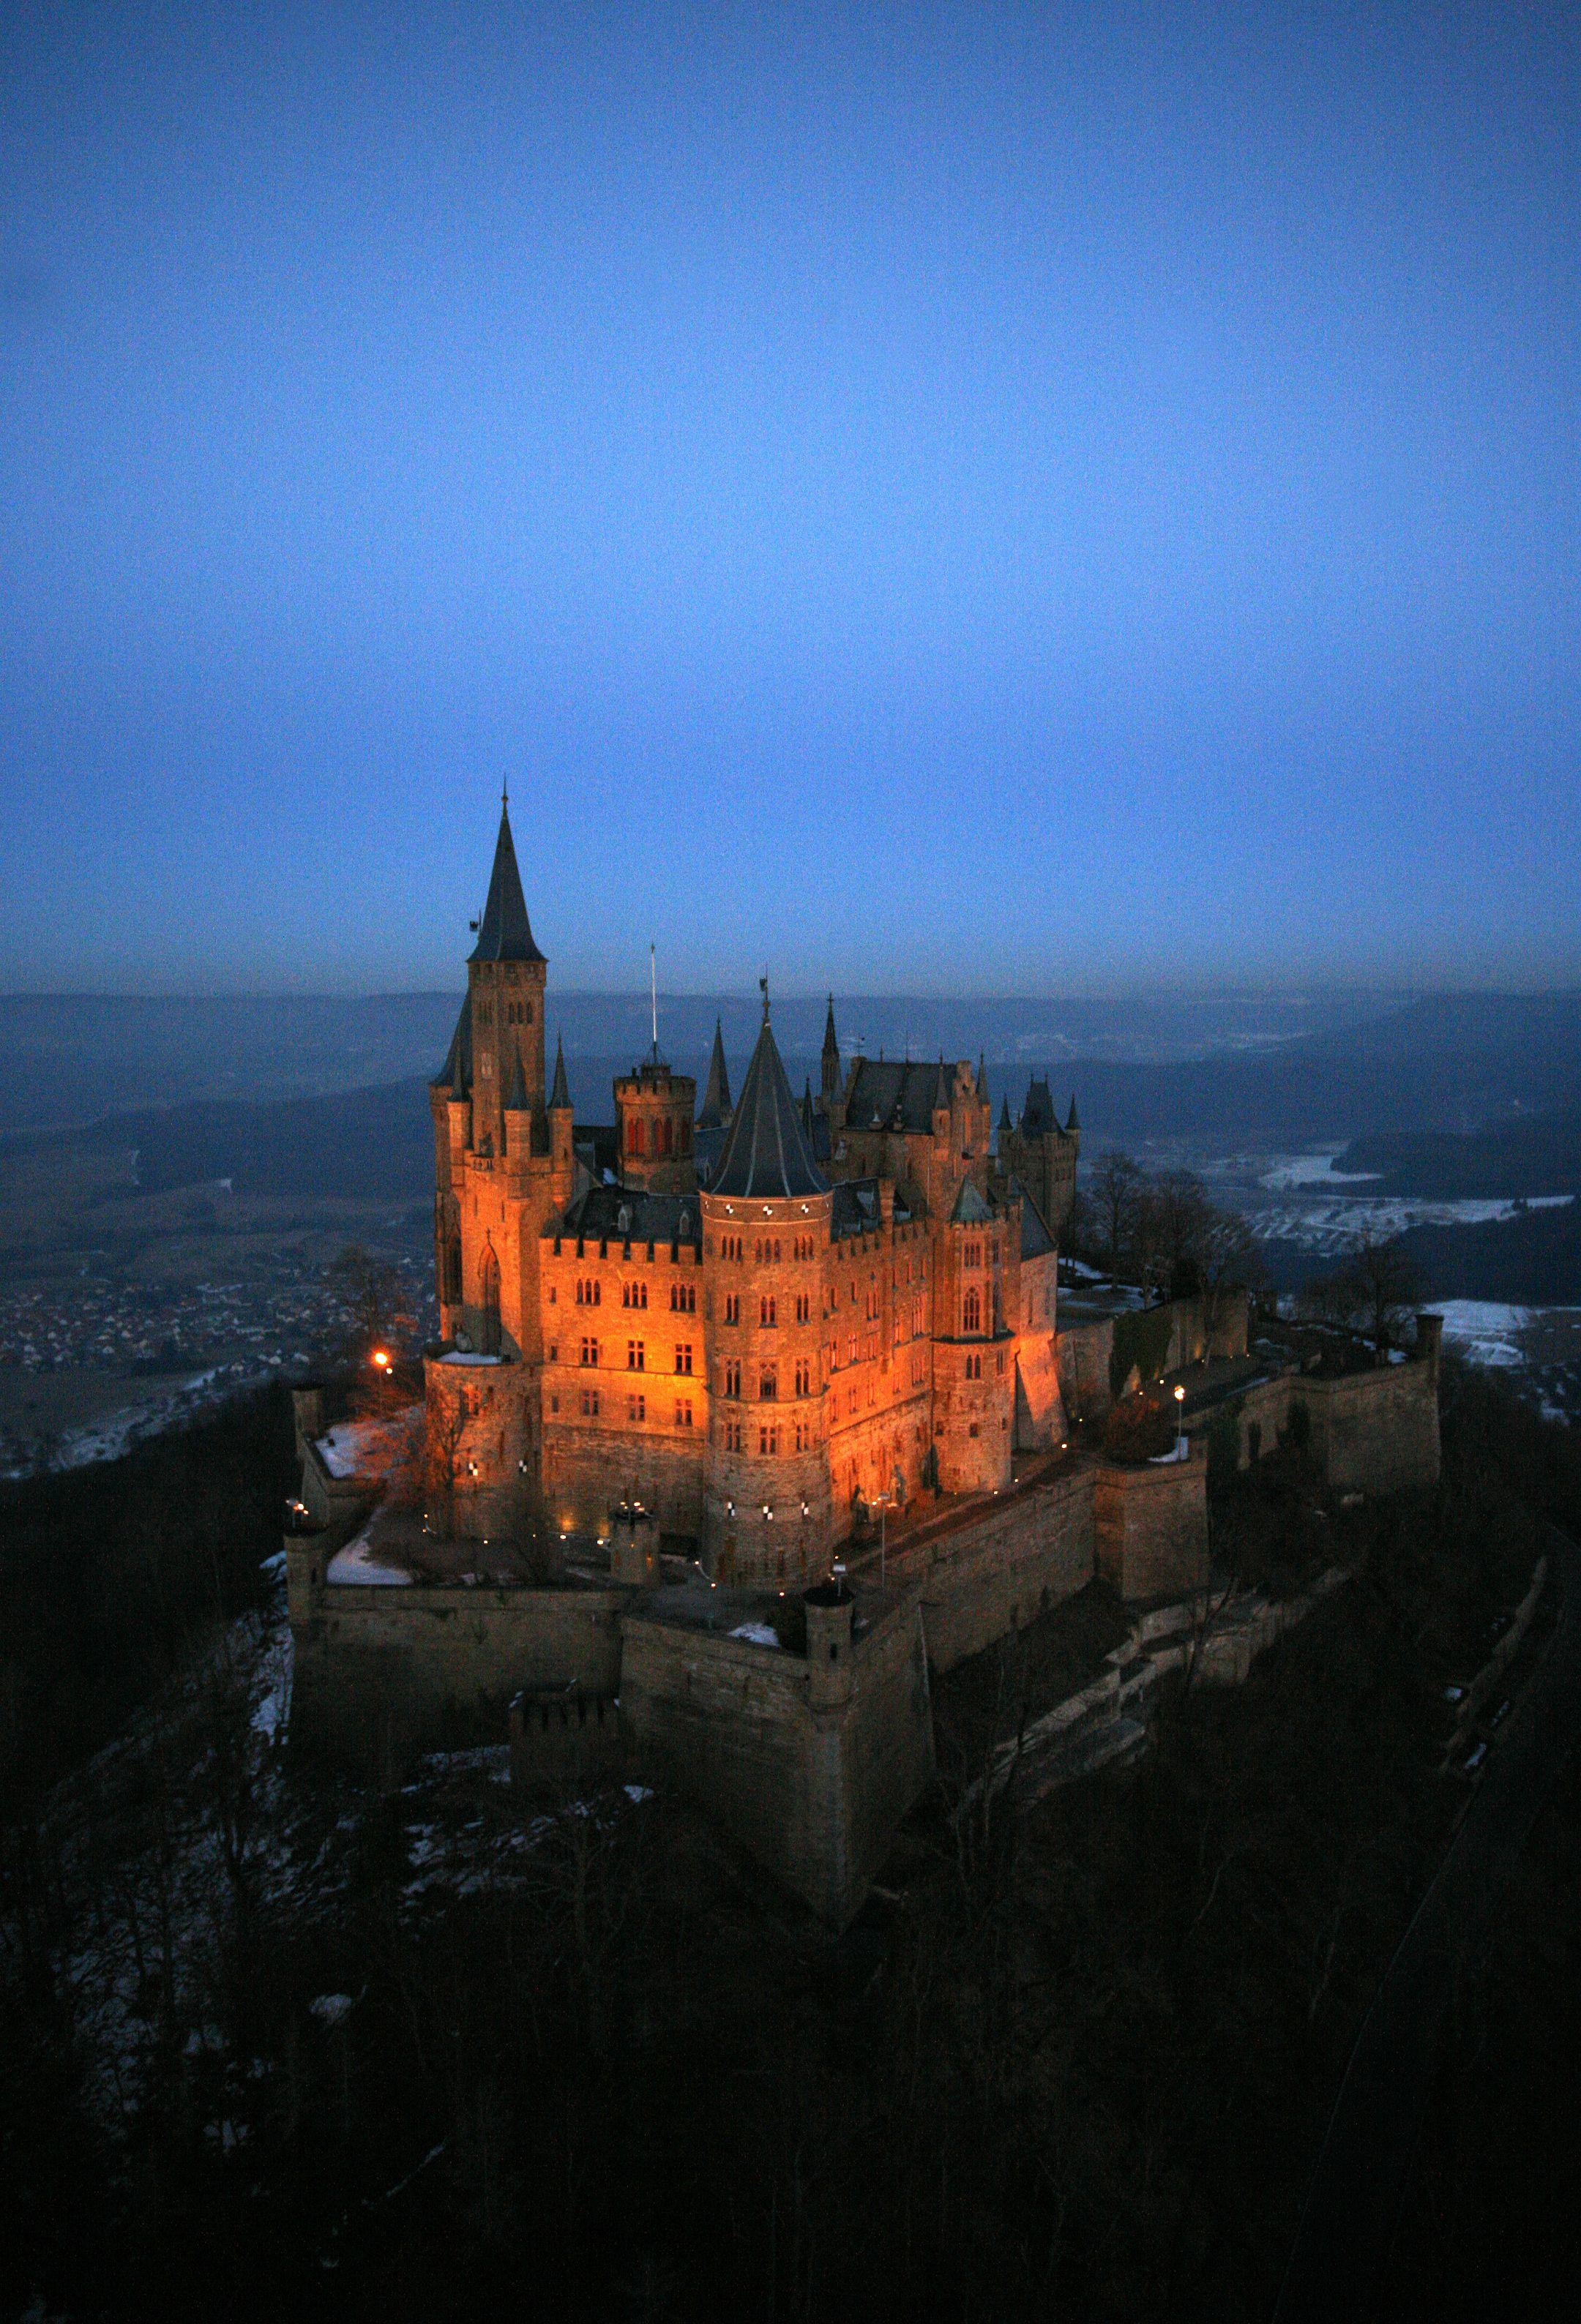 Burg Hohenzollern Burg Deutschland Burgen Mittelalterliche Burg